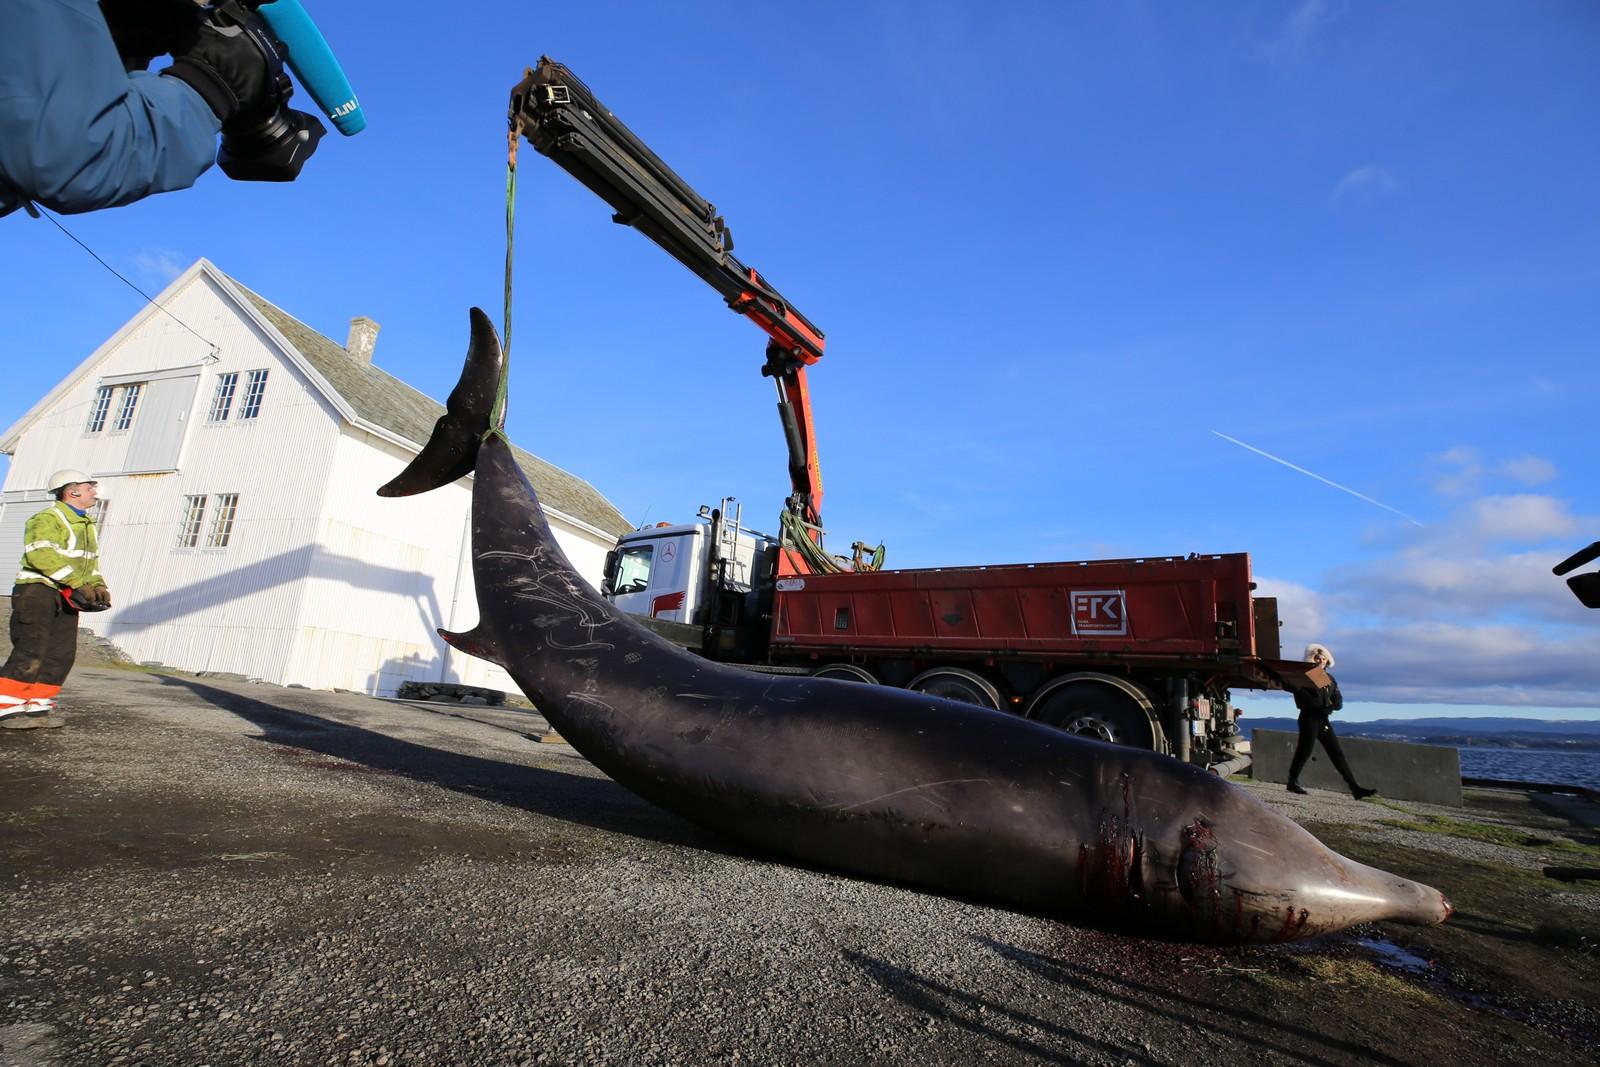 BILTRANSPORT: Gåsenebbhvalen var syk og måtte avlives i fjørekanten på Sotra. Deretter ble den transportert med lastebil til Blomsterdalen vest i Bergen.